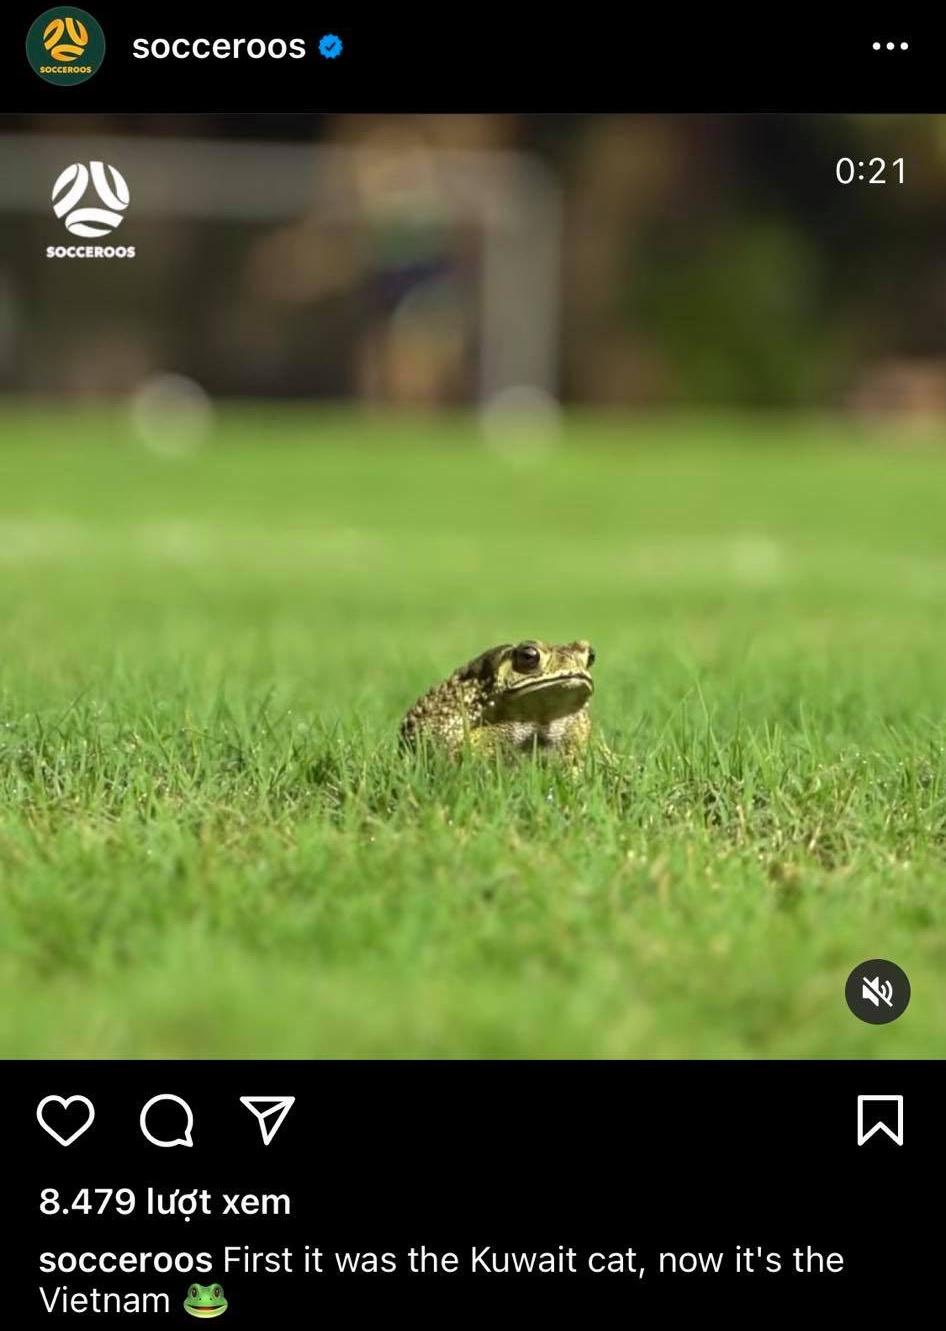 Lee Gaskin on Vietnam grass - Bóng Đá